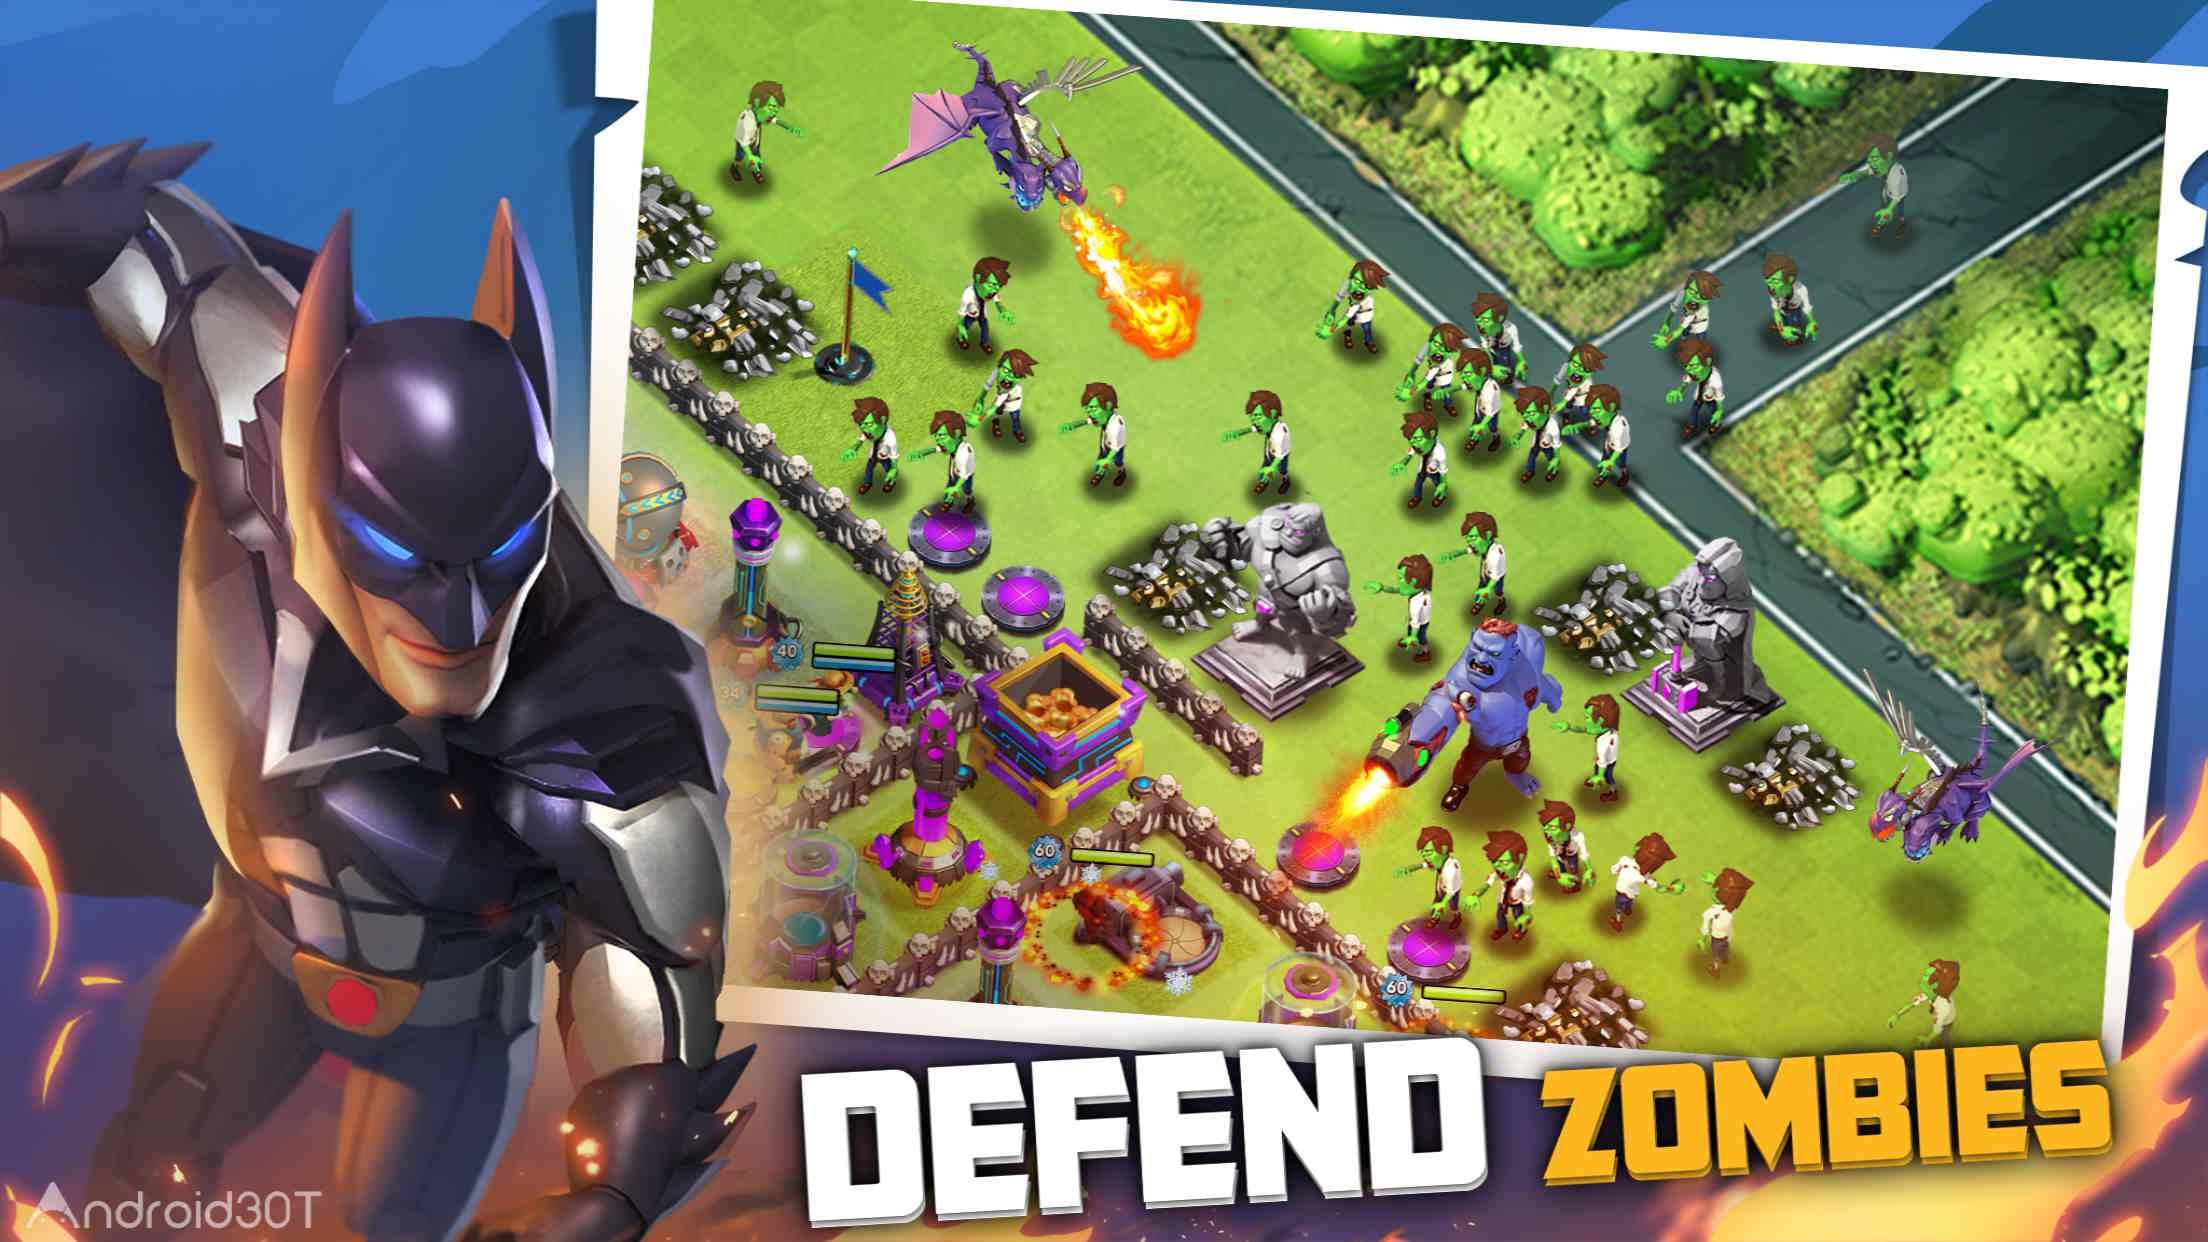 دانلود Last Heroes:Battle of Zombies 3.10.5 – بازی استراتژی آخرین قهرمانان اندروید